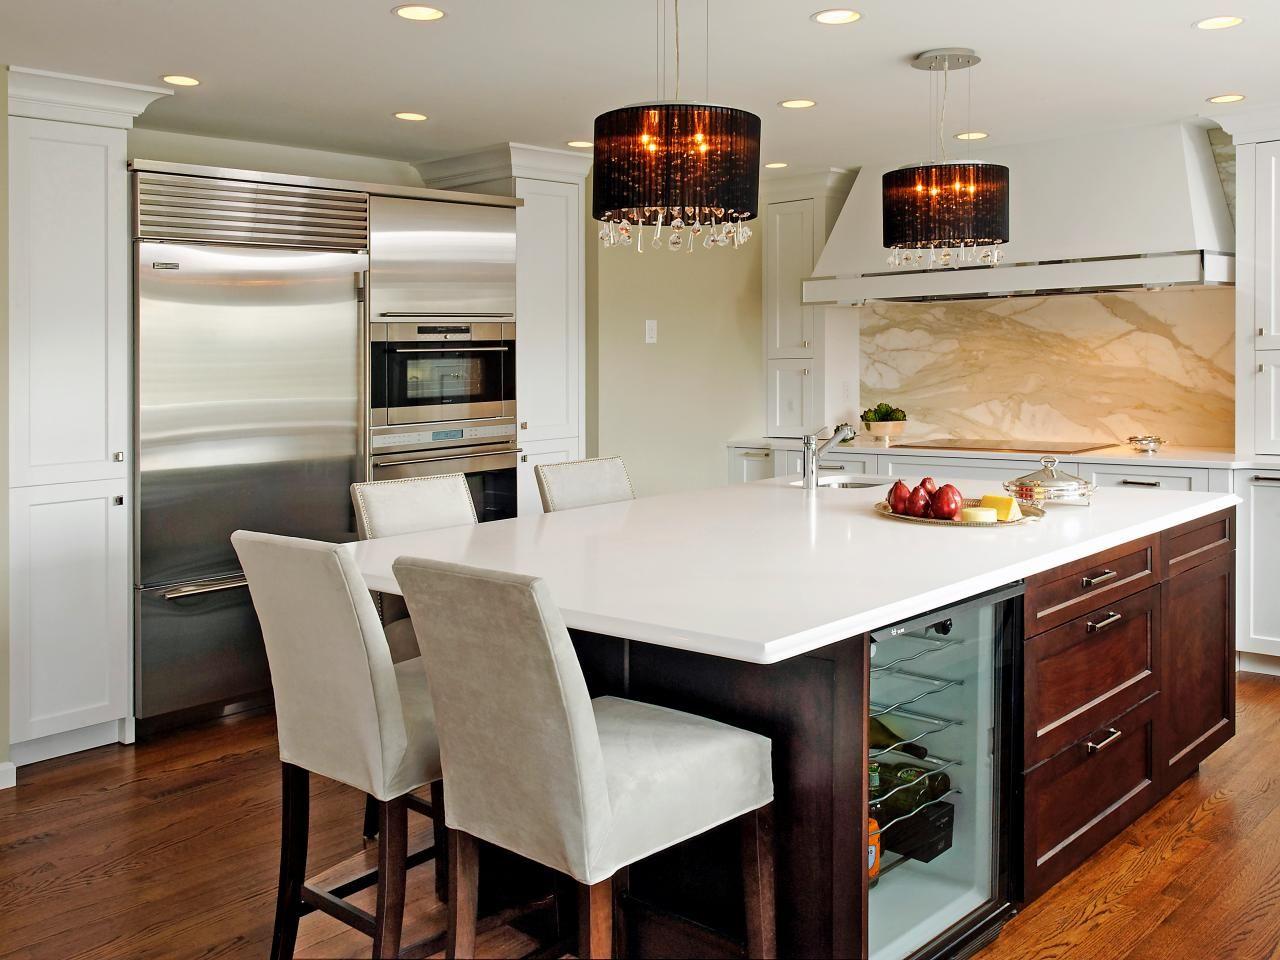 Kitchen Storage Ideas   K I T C H E N S   Large kitchen ...